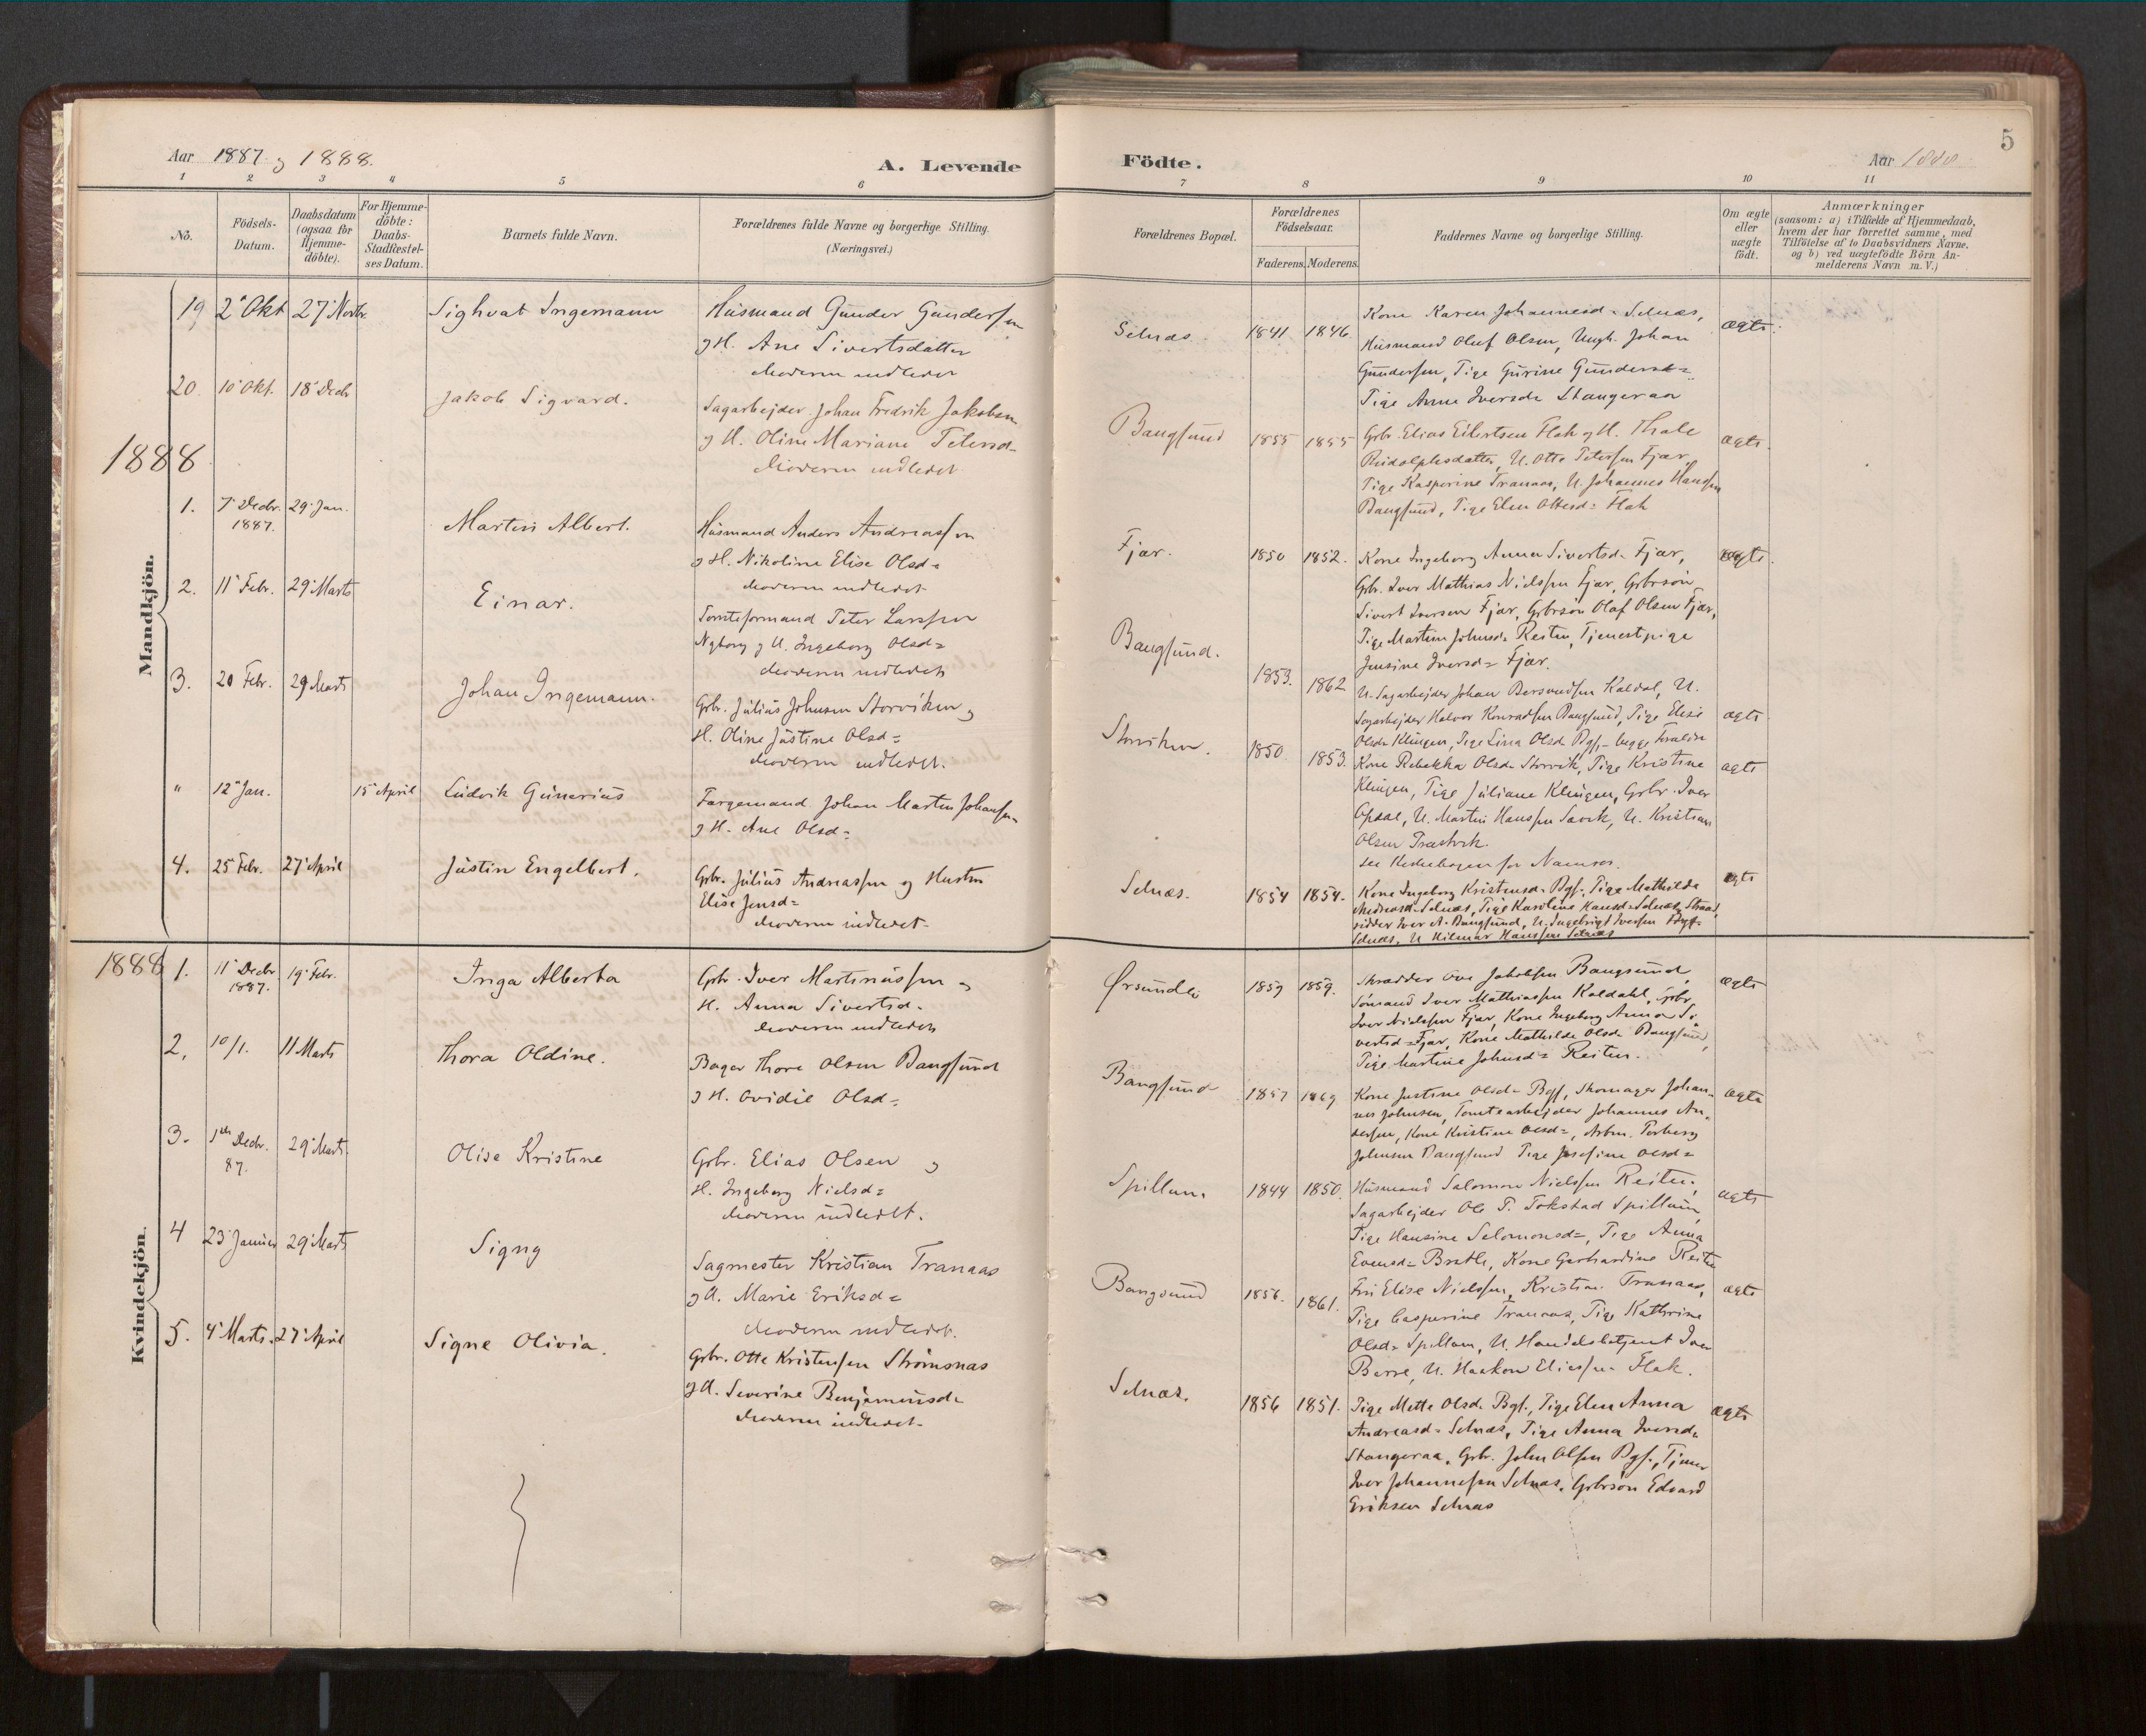 SAT, Ministerialprotokoller, klokkerbøker og fødselsregistre - Nord-Trøndelag, 770/L0589: Ministerialbok nr. 770A03, 1887-1929, s. 5